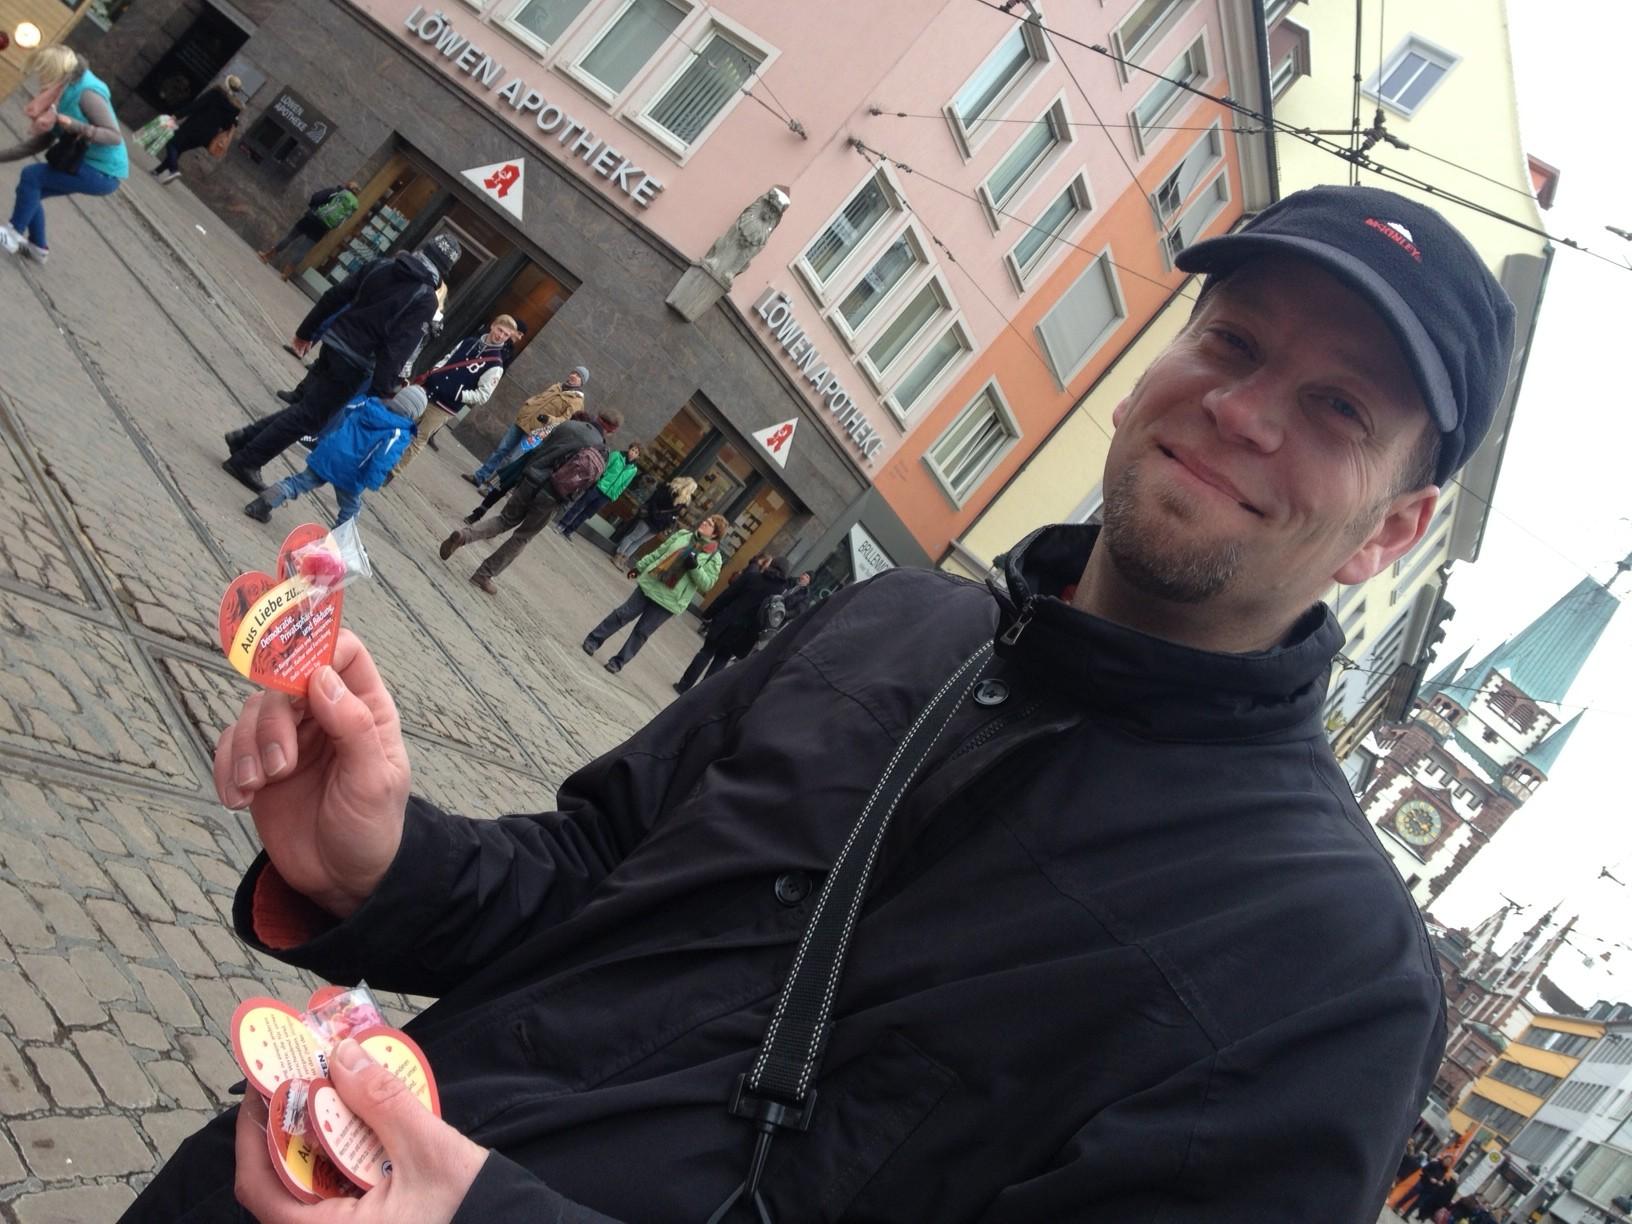 Der Freiburger Direktkandidat und Platz 3 der Landesliste André Martens beim Verteilen der Valentinstagsflyer in der Freiburger Innenstadt. Foto: CC-BY Konstantin Görlich